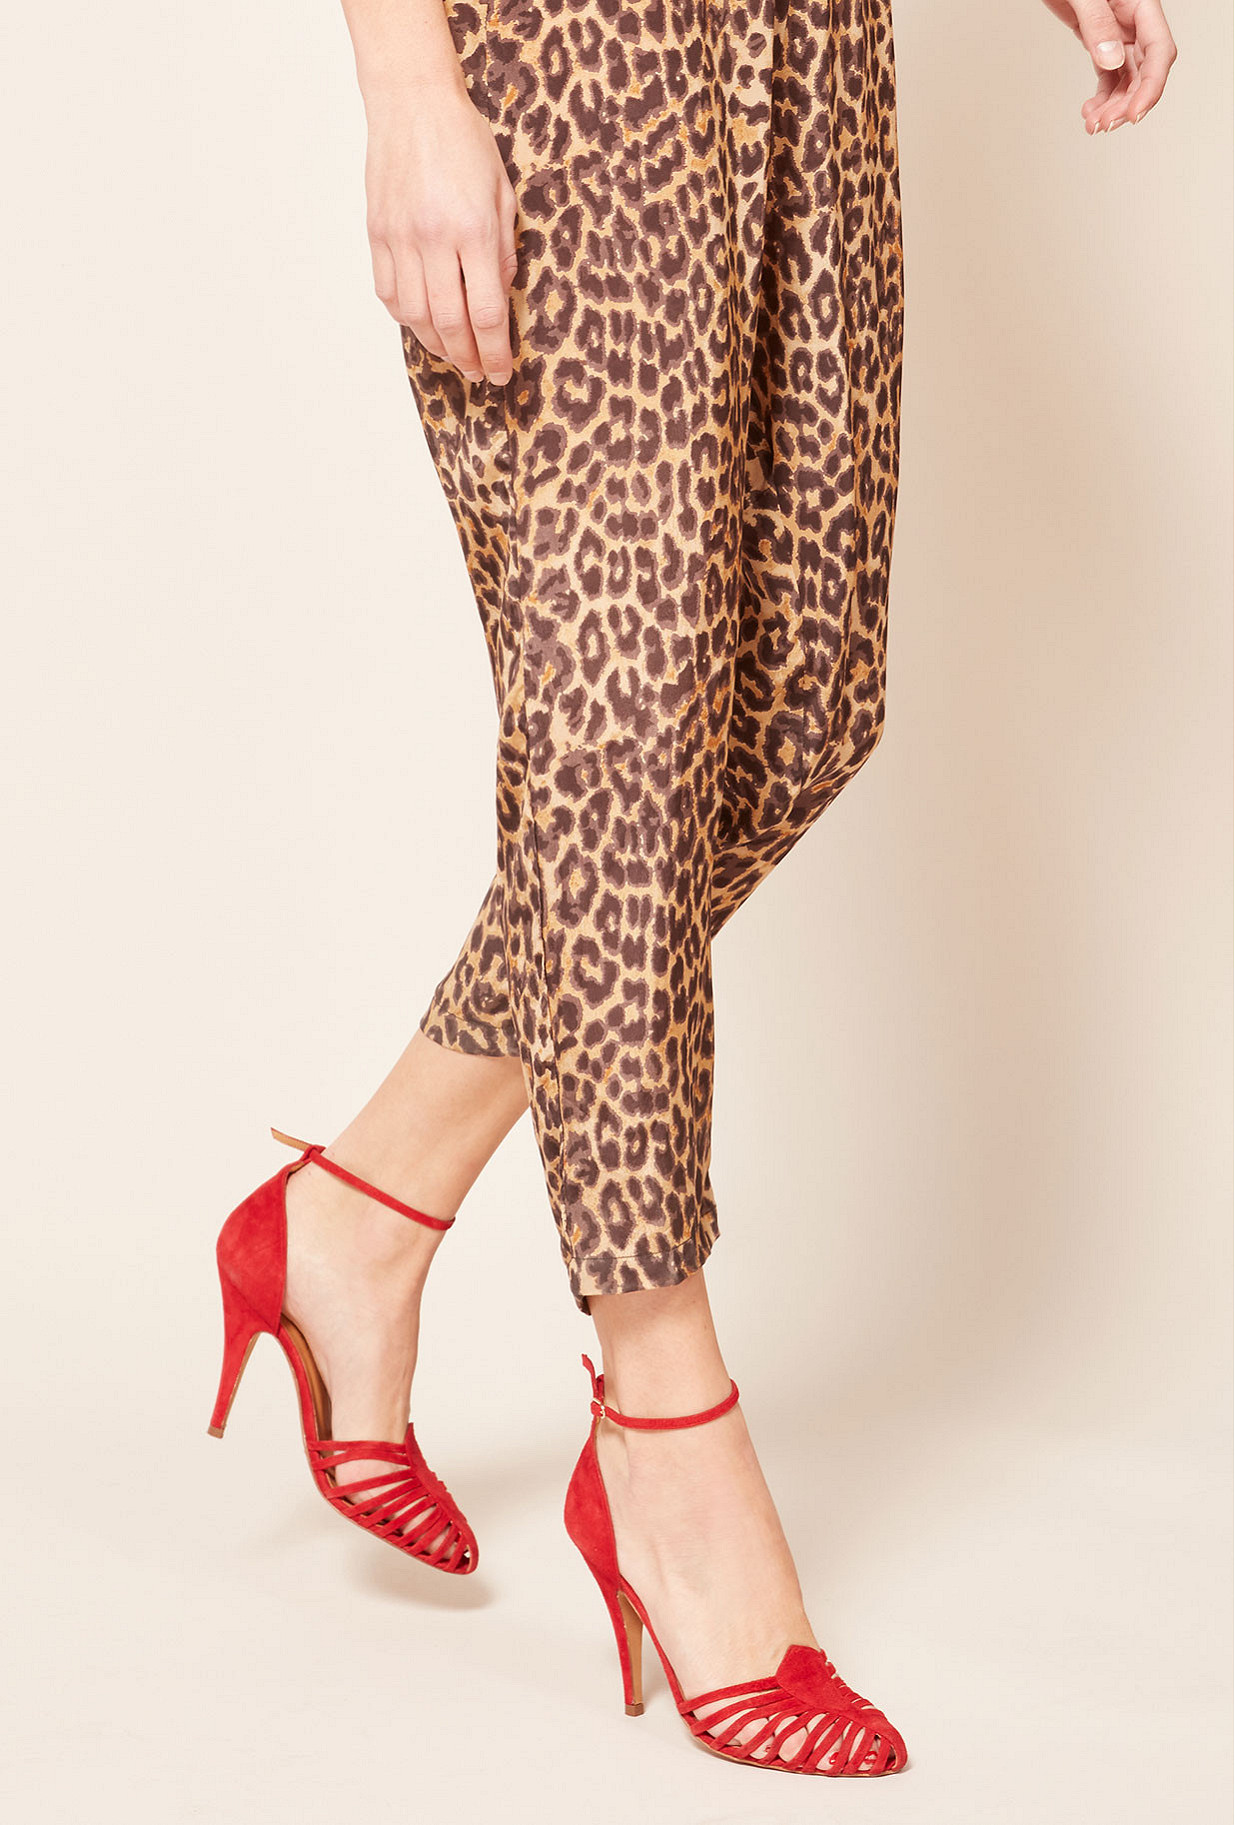 Red  Pumps  Venitiennes Mes demoiselles fashion clothes designer Paris